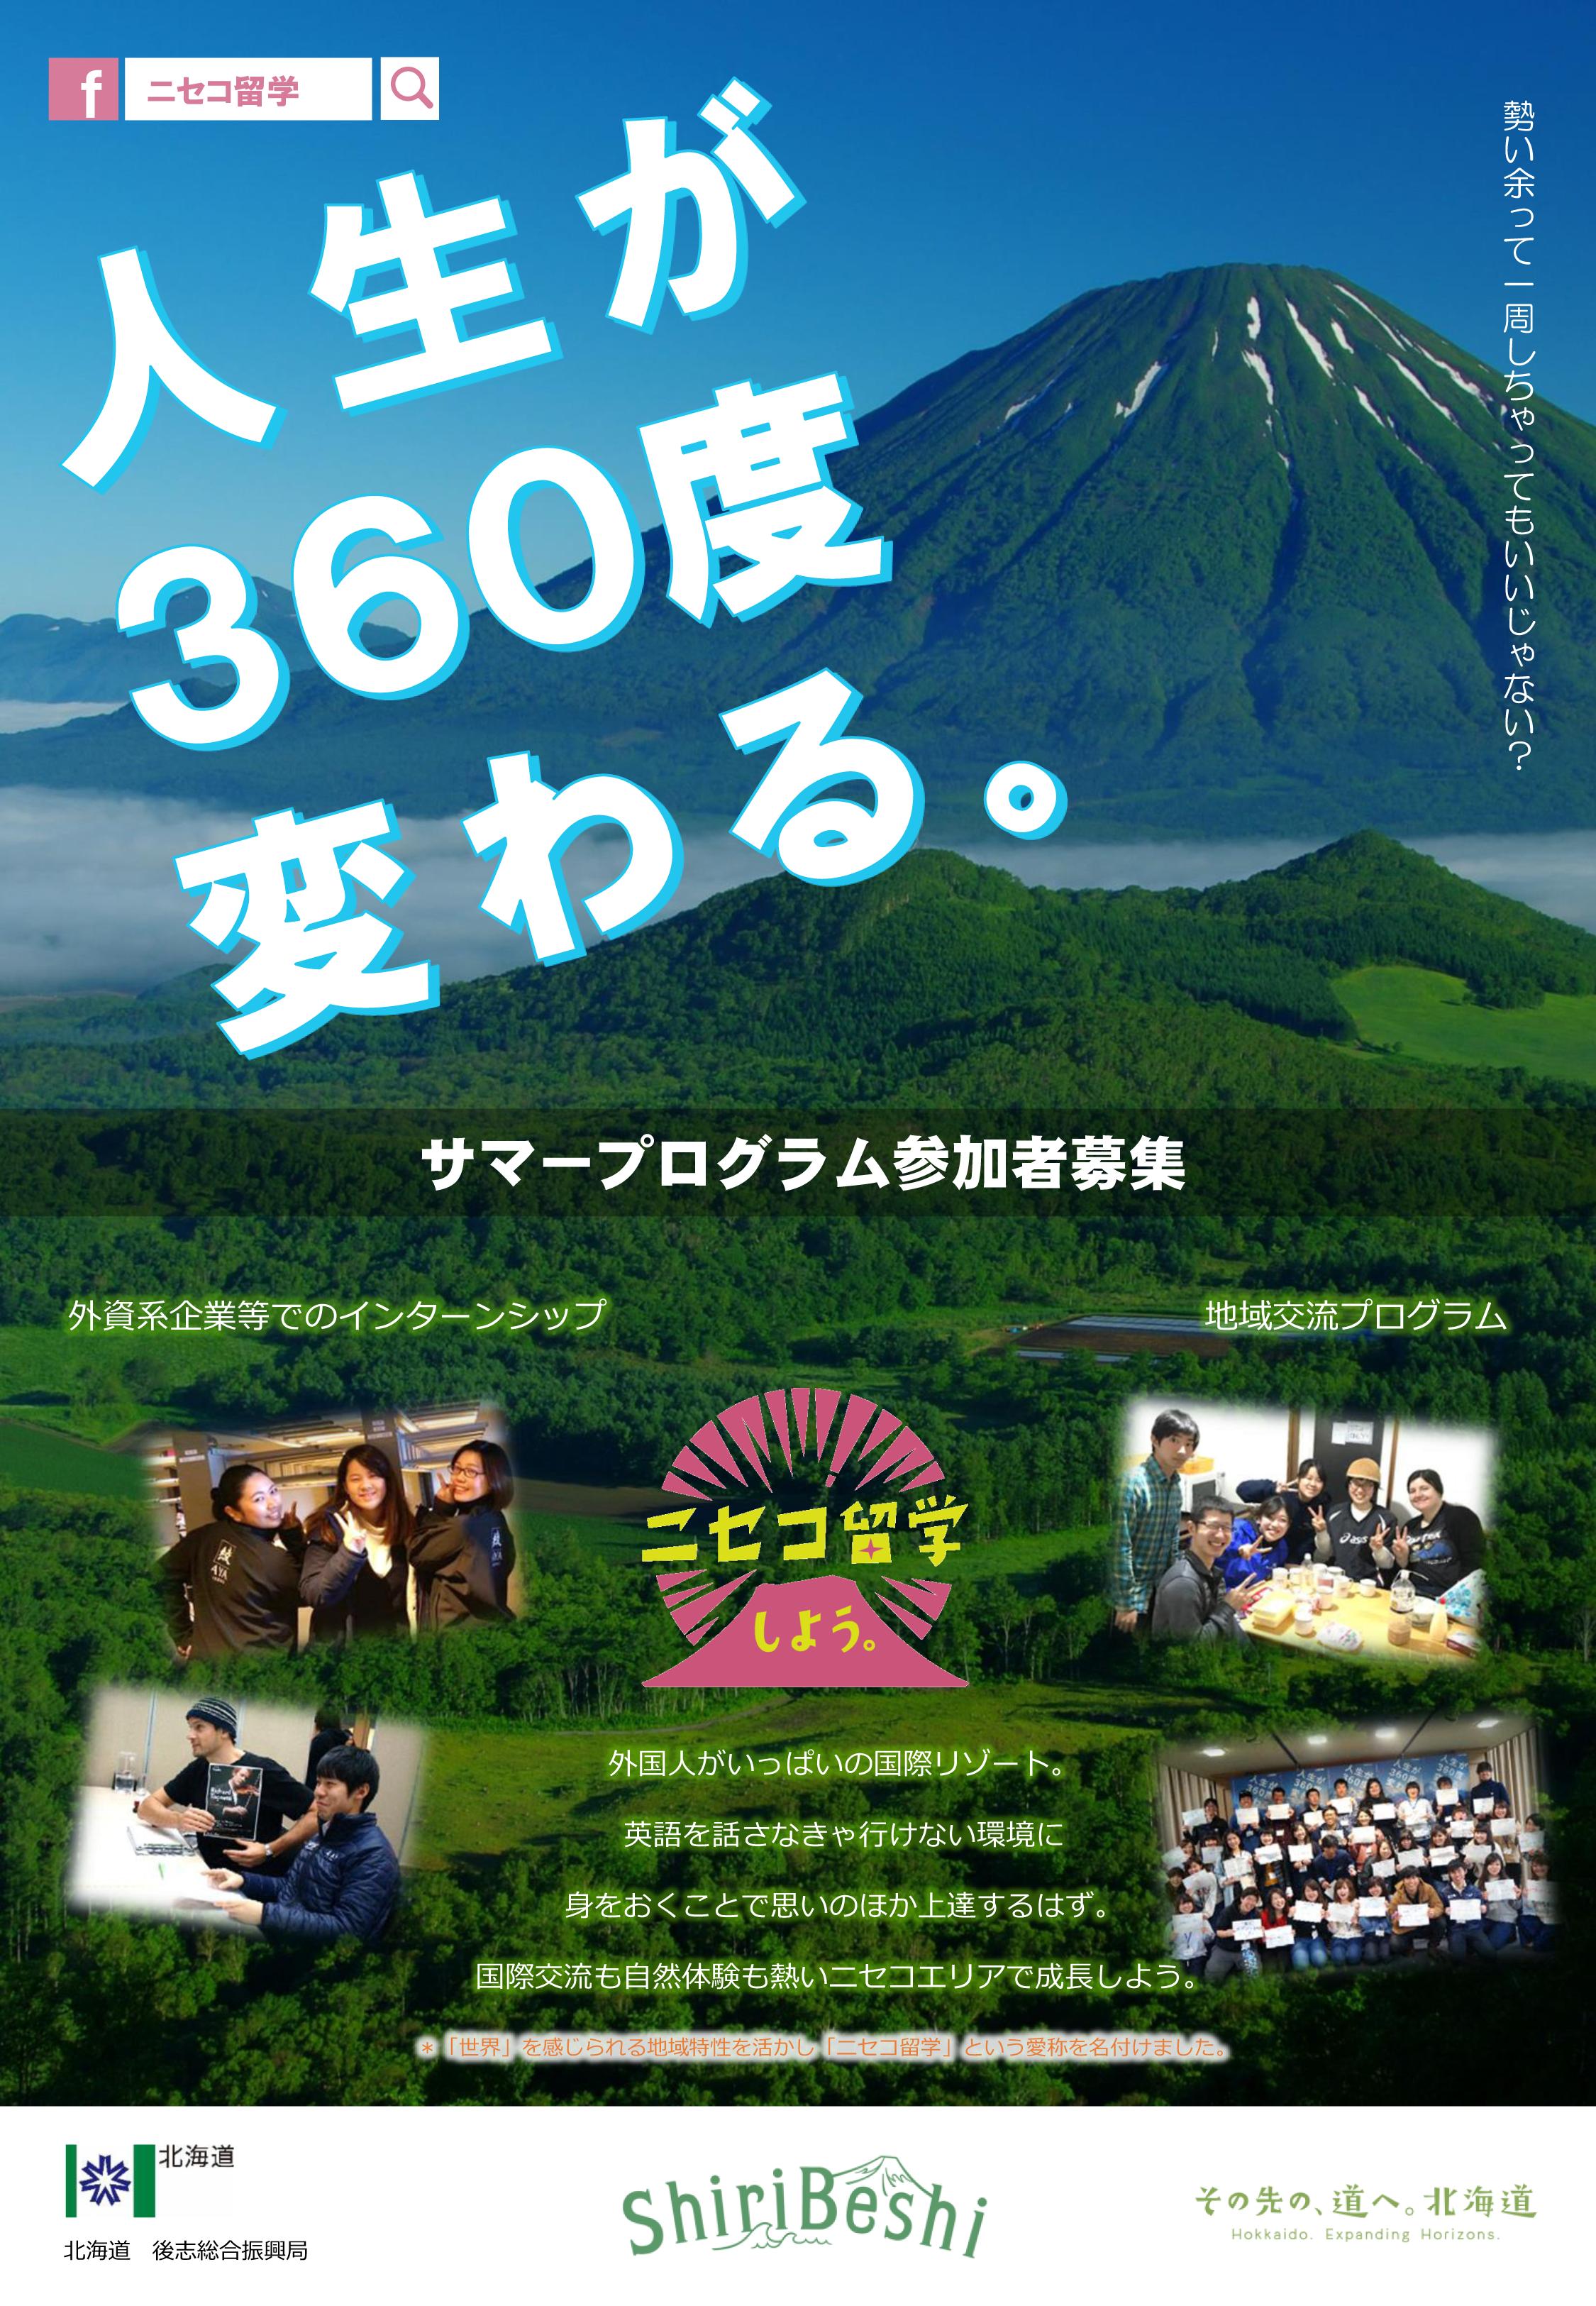 ニセコ留学_H29サマープログラム-1